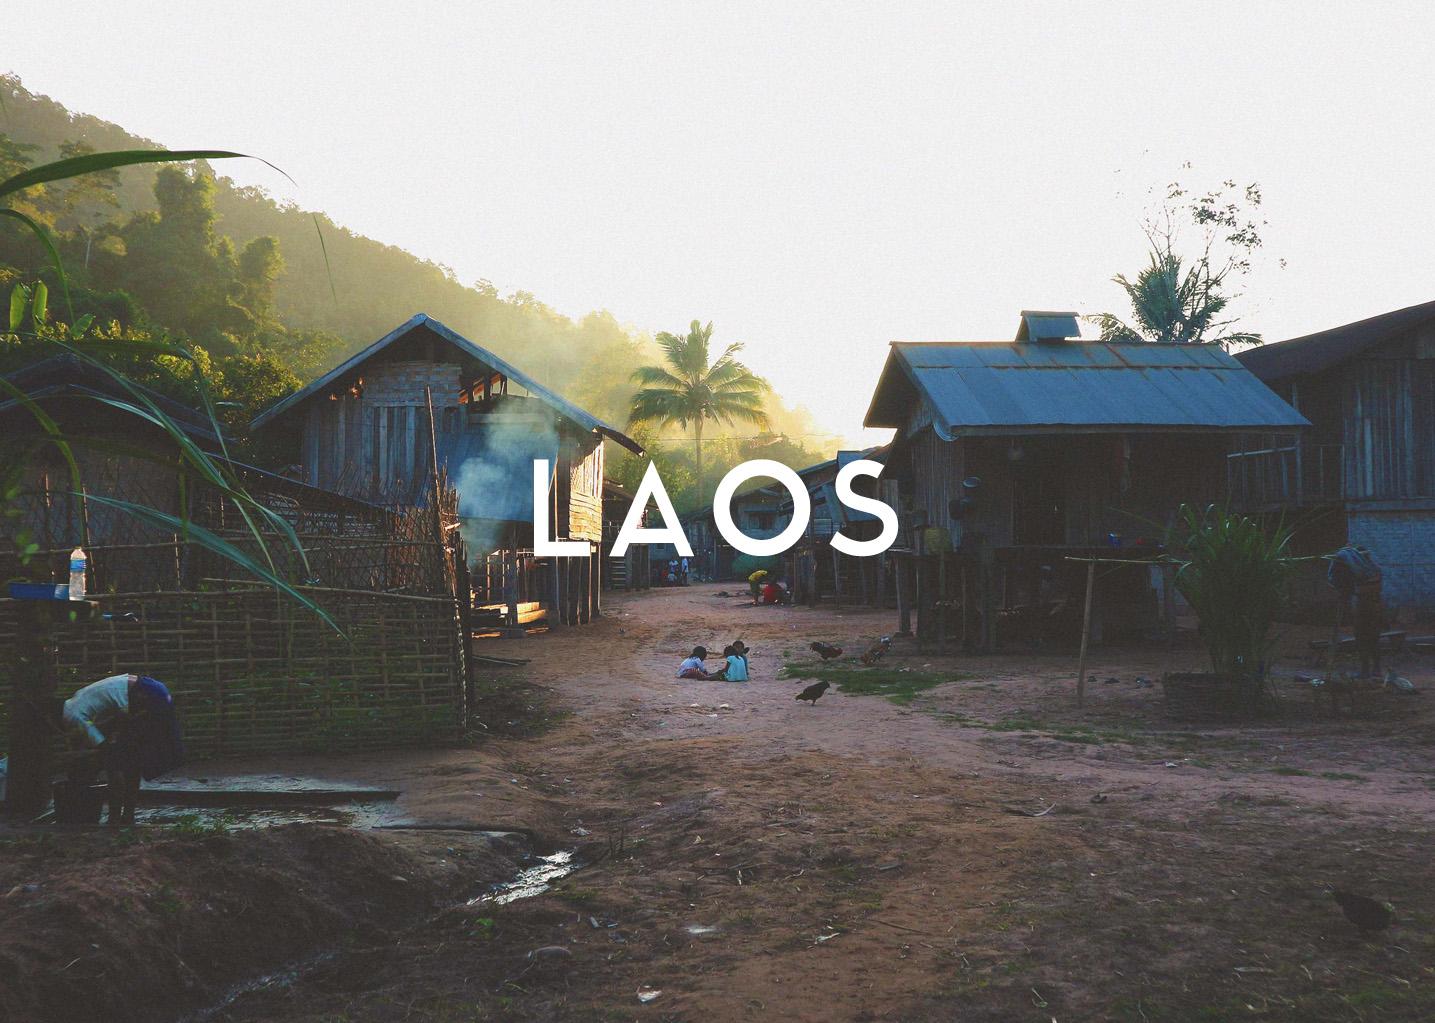 Laos Gallery